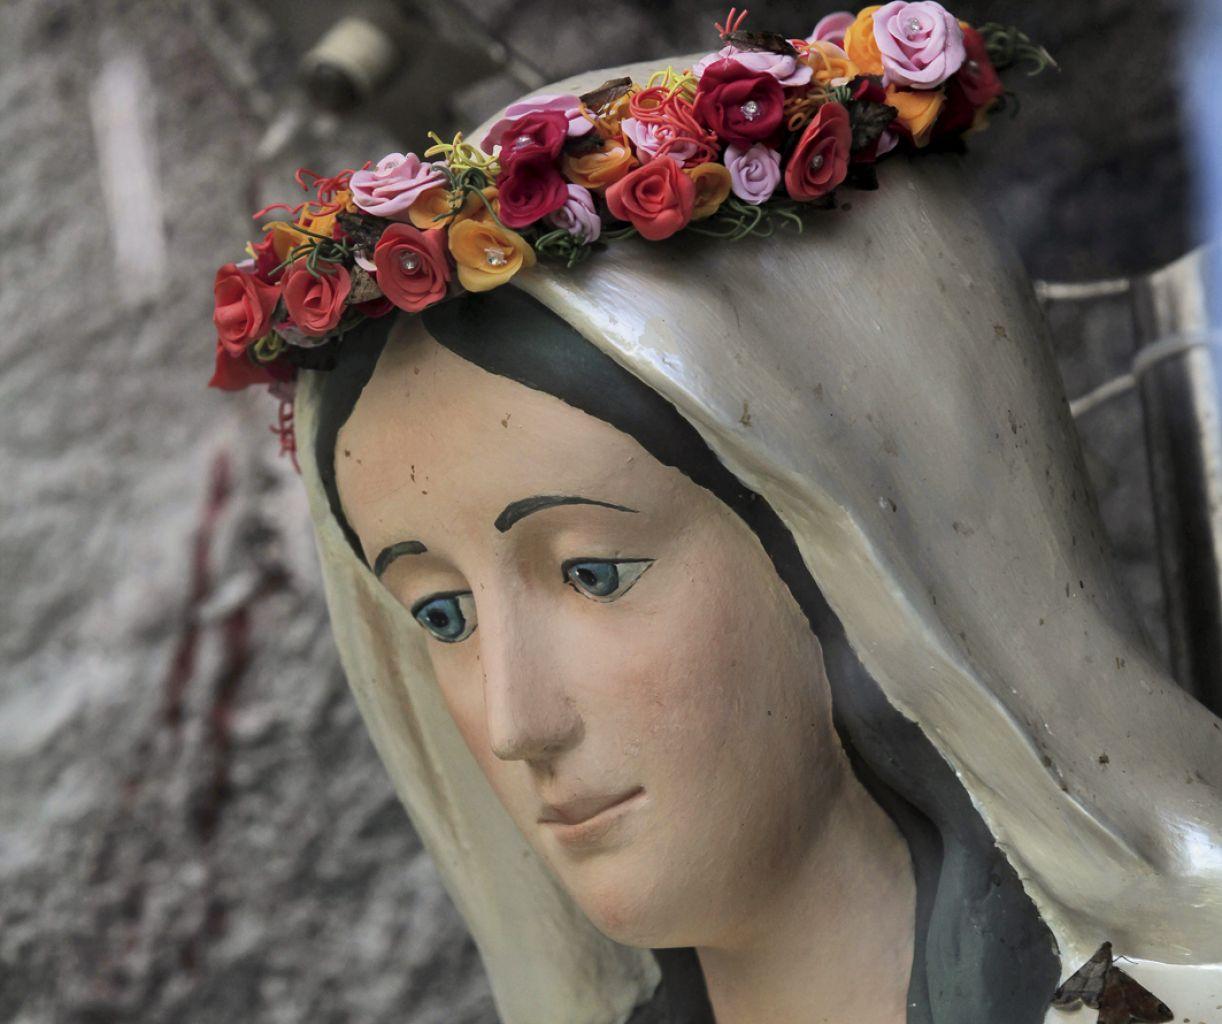 Em 1936, Nossa Senhora das Graças teria aparecido para duas crianças